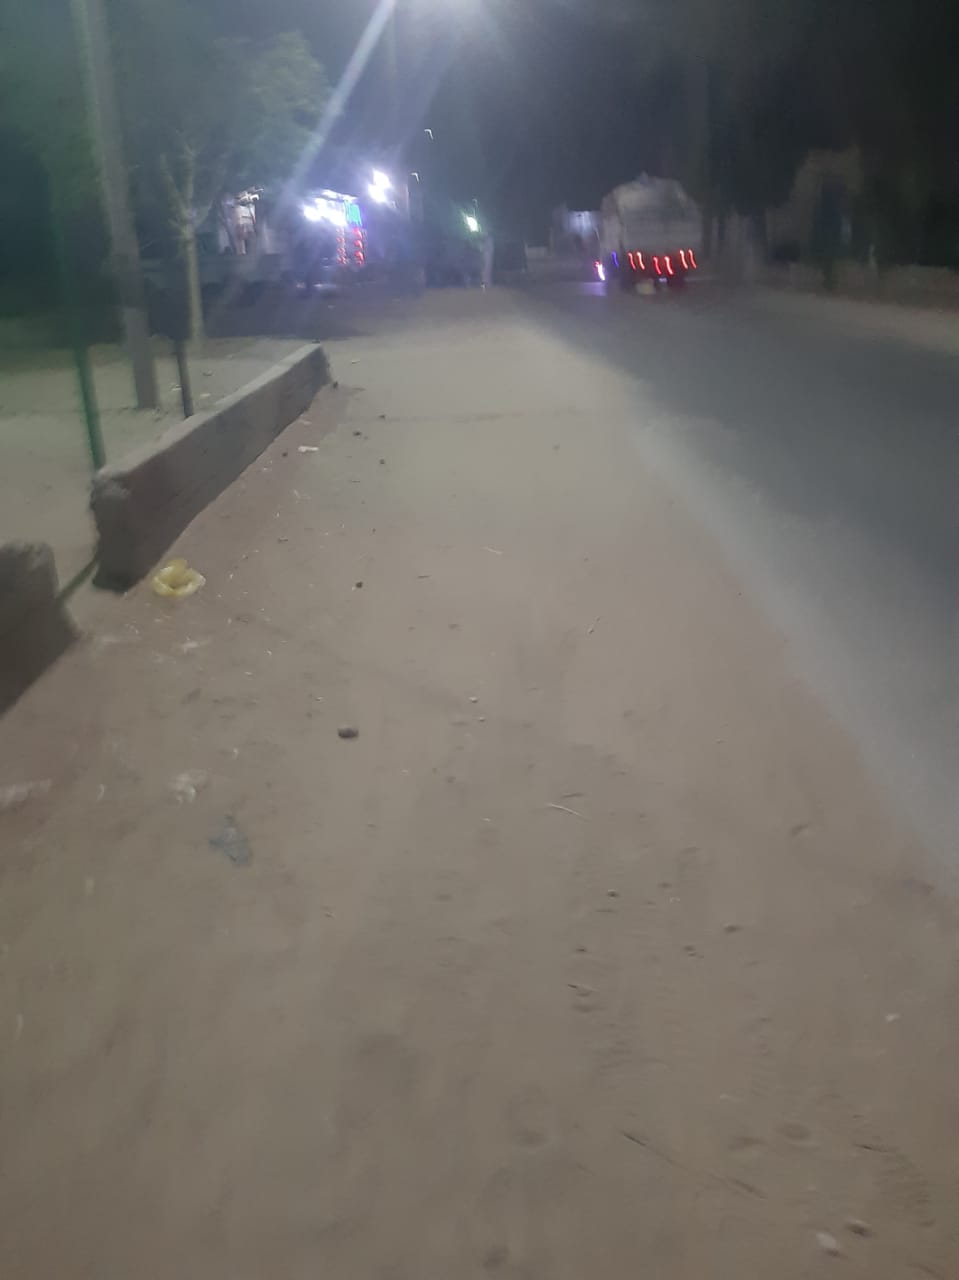 هدوء بقرية سلوا بأسوان بعد حادث اطلاق النار العشوائى (3)